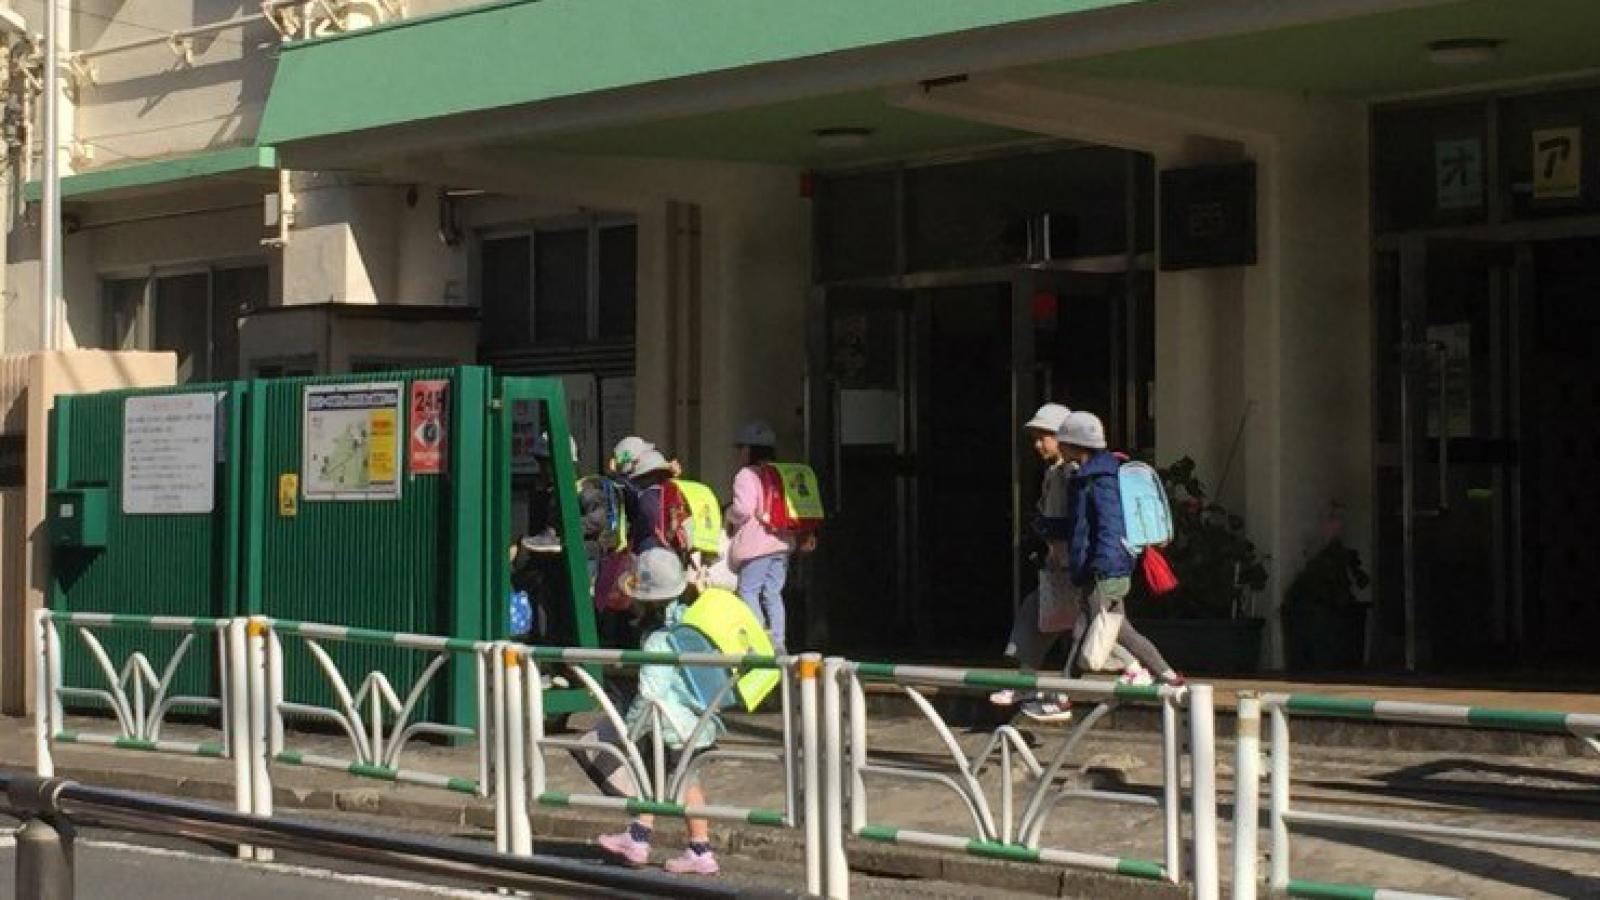 Nhật Bản sẽ dần nối lại các hoạt động kinh tế - xã hội